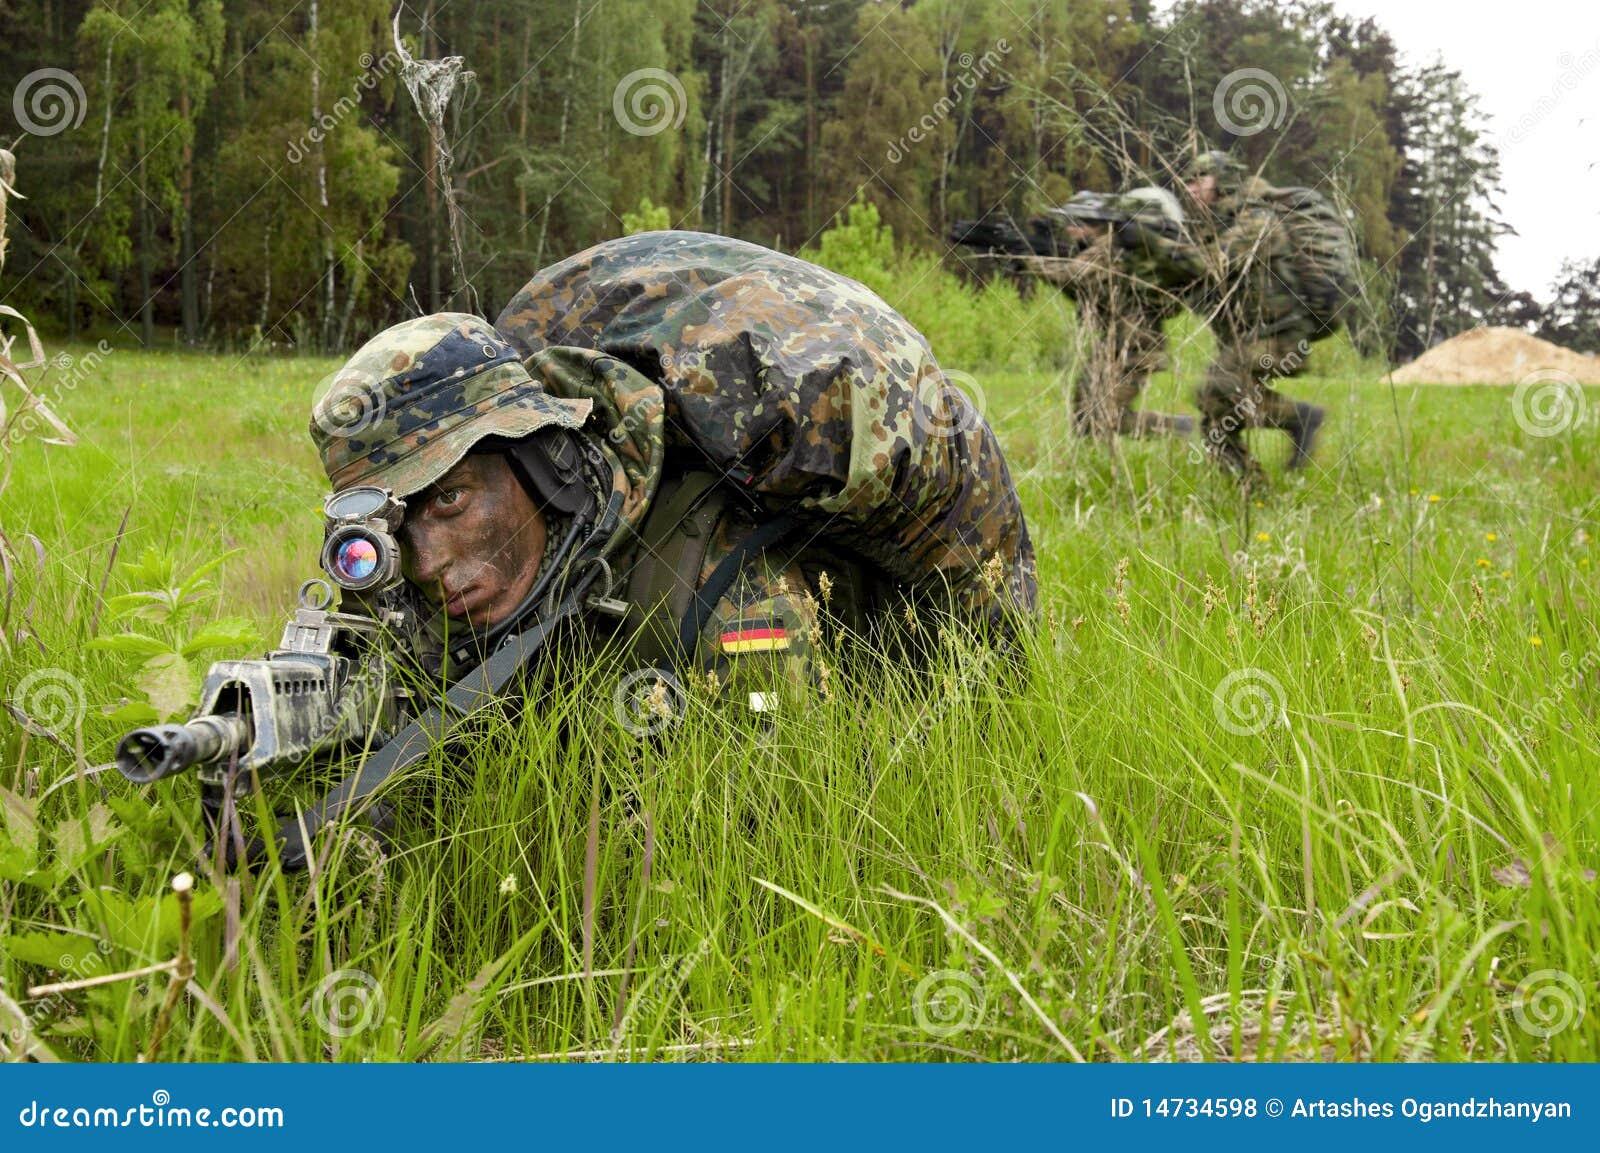 Infantry Gets Major Role In Restructured Bundeswehr